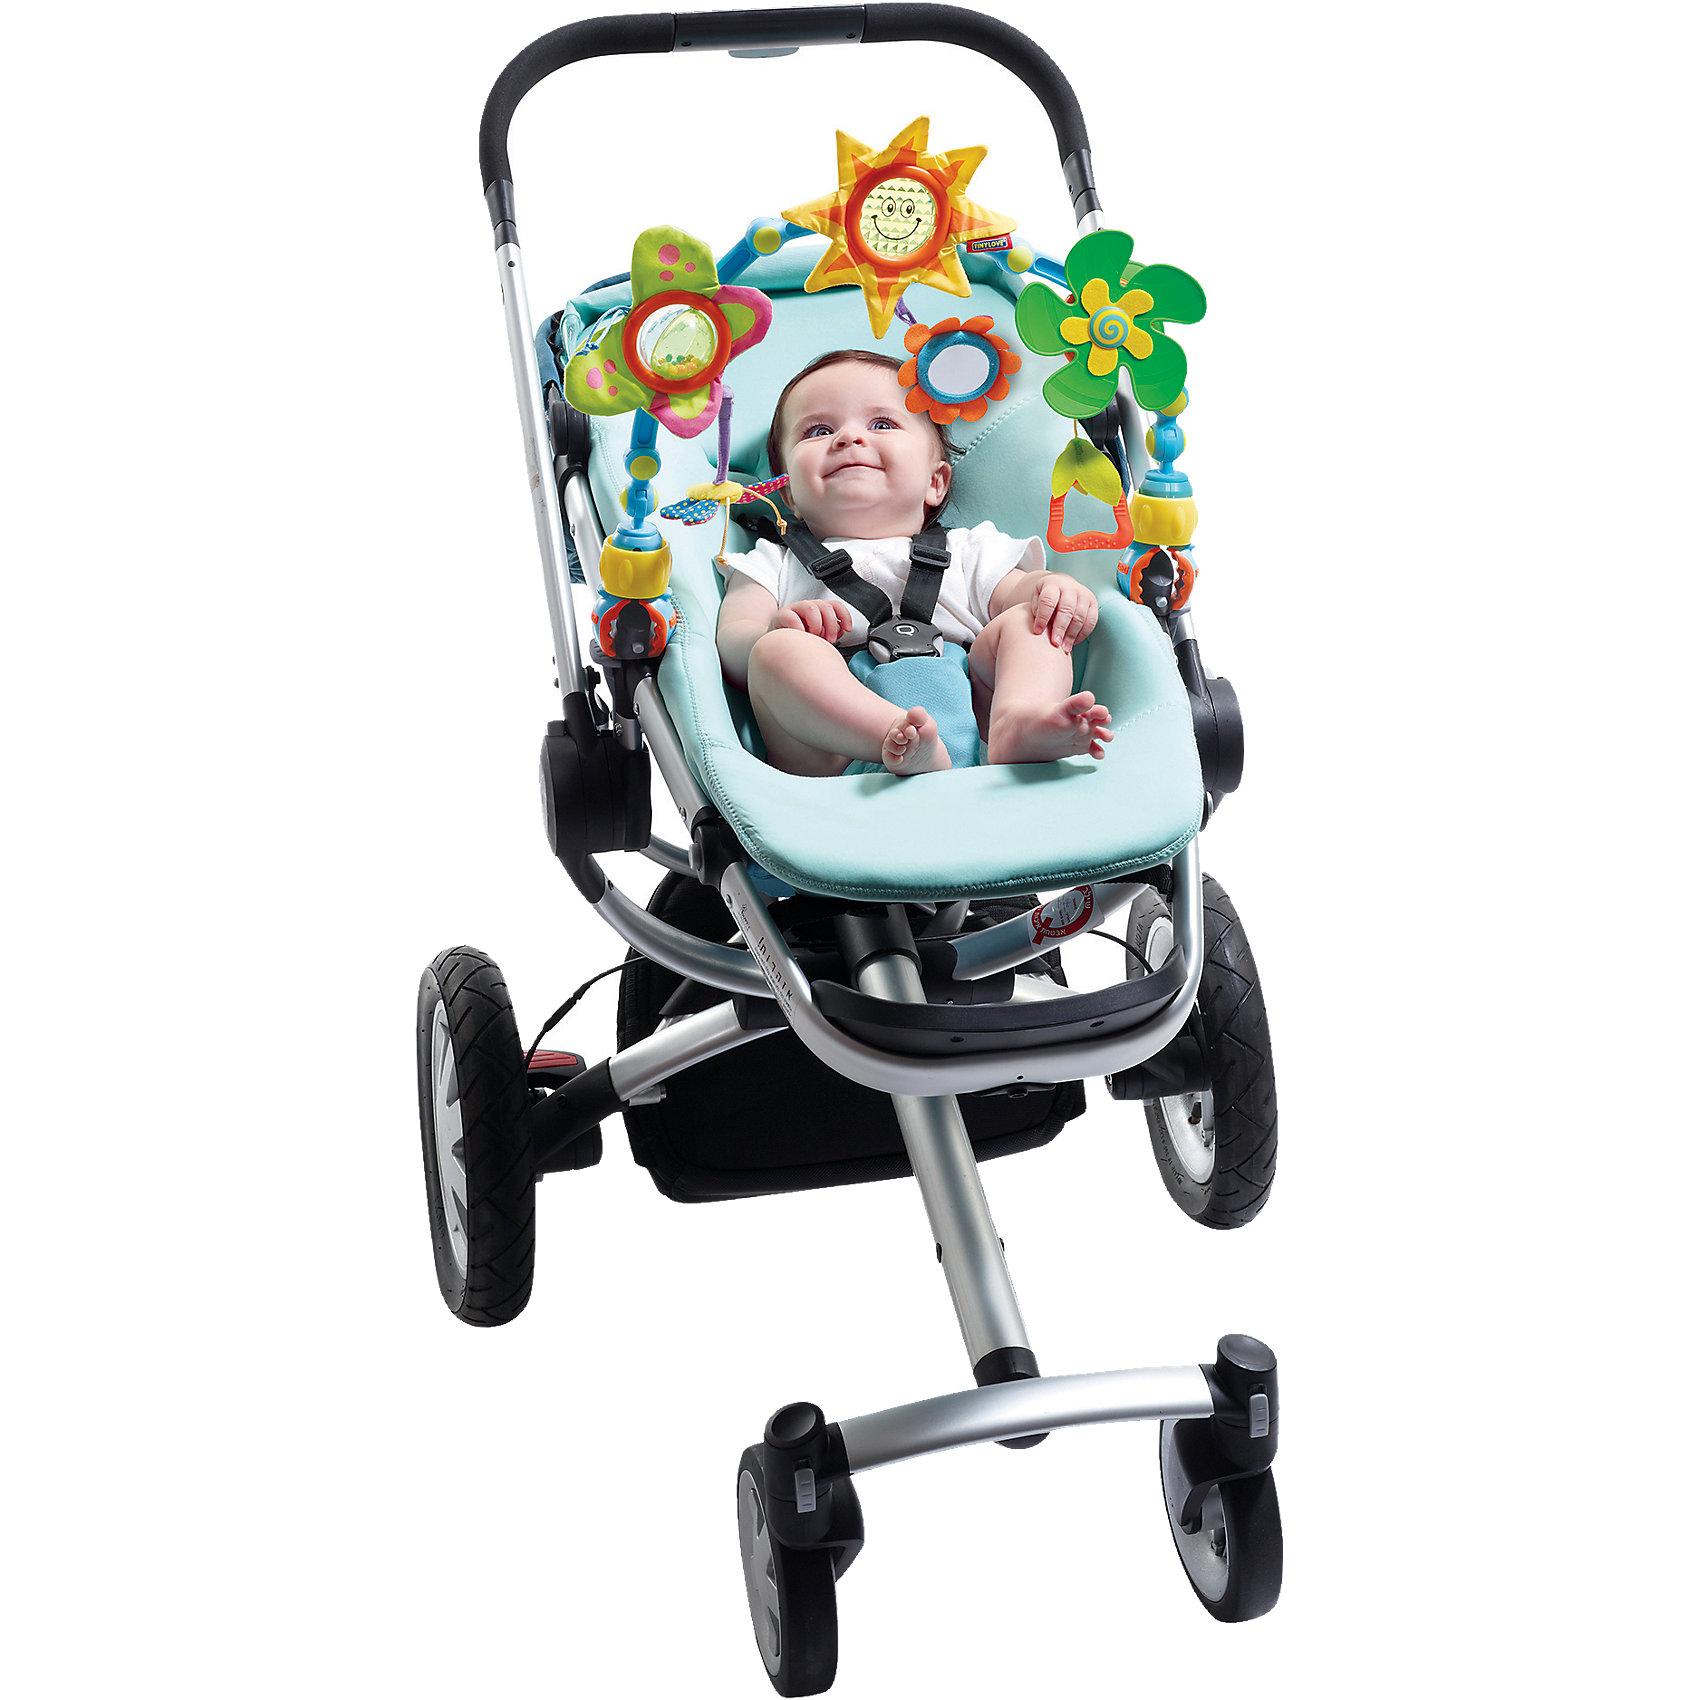 Дуга-трансформер Солнечная, Tiny LoveИгрушки для малышей<br>Развивающая дуга «Солнечная» фирмы Tiny Love (Тини Лав) - это неизменный спутник всех мобильных малышей. Она предлагает столько разнообразных возможностей для игр и развлечений, что малышу не успеет наскучить продолжительная прогулка в коляске или поездка в автомобильном кресле. <br>Дугу легко прикрепить практически к любой коляске, креслу или стульчику для кормления, а разноцветные фигурки - отбрасывающее солнечных зайчиков солнышко, бабочка и маленький пропеллер - позаботятся о том, чтобы малыш не заскучал. <br>Дуга собрана из эластичных деталей, и Вы сможете каждый раз менять её высоту и положение. Развивающая дуга «Солнечная» стимулирует развитие чувств, крупную и мелкую моторику и мировосприятие малыша.<br><br>Дополнительная информация:<br><br>- В комплекте:  большая бабочка — погремушка с шуршащими крылышками, маленькая бабочка, вертушка- пропеллер с бубенчиком, цветочек с зеркальцем.<br>- Размеры: 50х31х7 см<br><br>Дугу-трансформер Солнечная, Tiny Love (Тини Лав) можно купиь в нашем интернет магазине.<br><br>Ширина мм: 506<br>Глубина мм: 314<br>Высота мм: 78<br>Вес г: 658<br>Возраст от месяцев: 0<br>Возраст до месяцев: 12<br>Пол: Унисекс<br>Возраст: Детский<br>SKU: 1856283